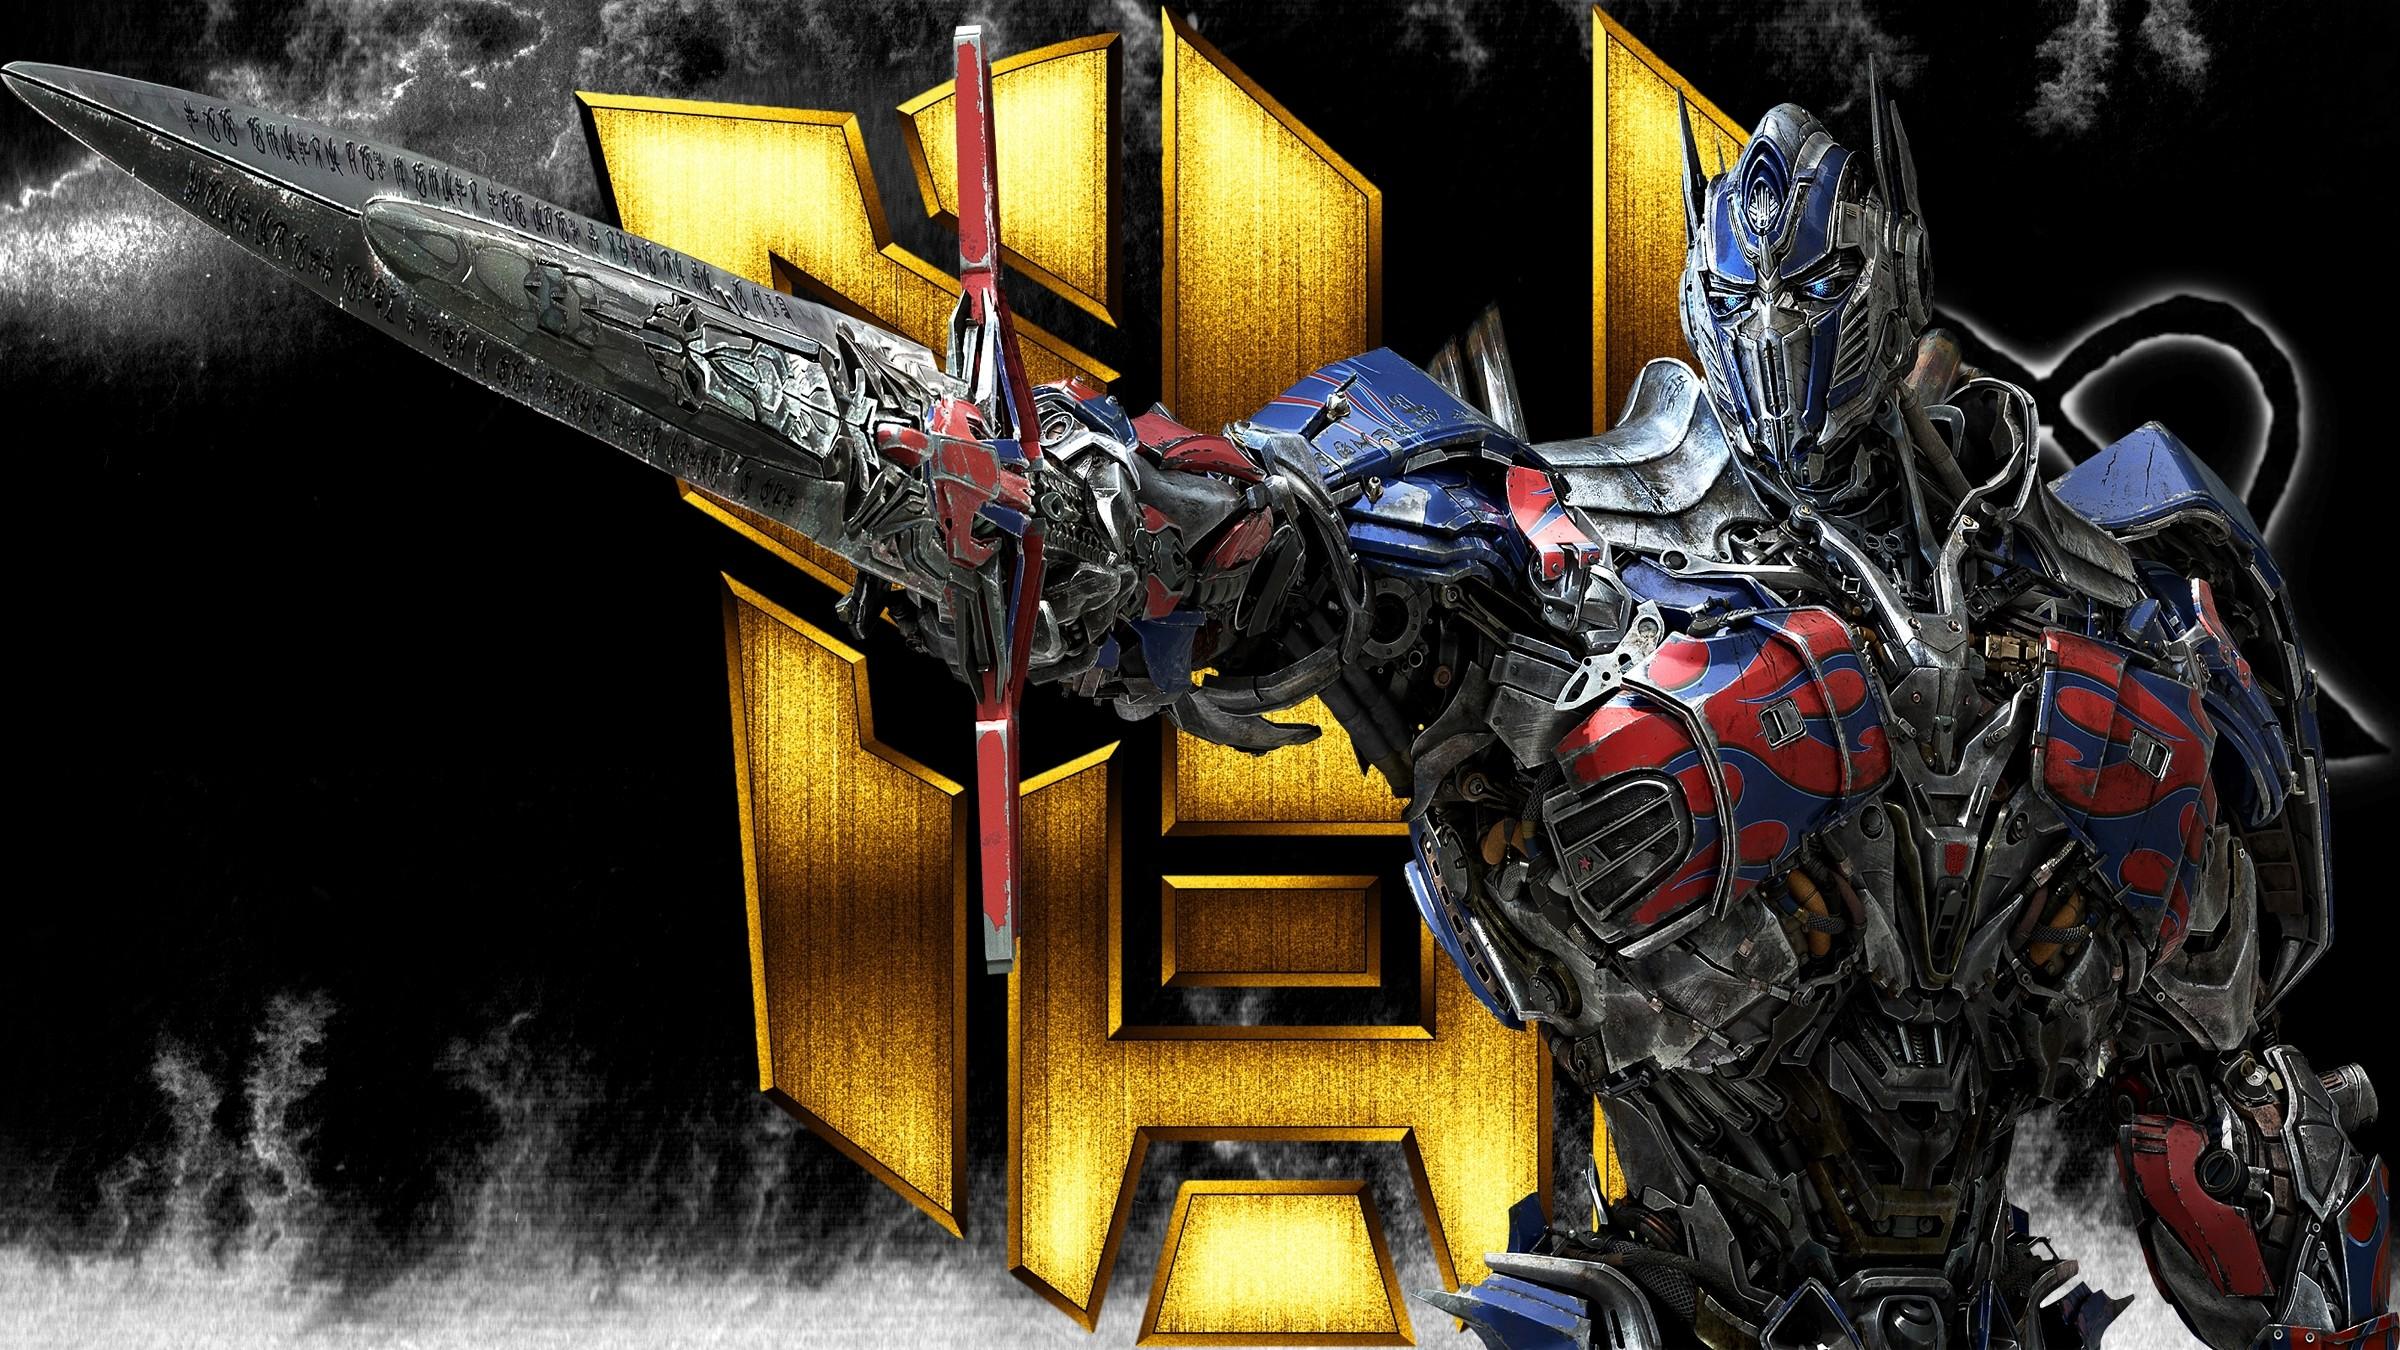 Transformers optimus prime wallpaper wallpapertag - Transformers prime wallpaper ...